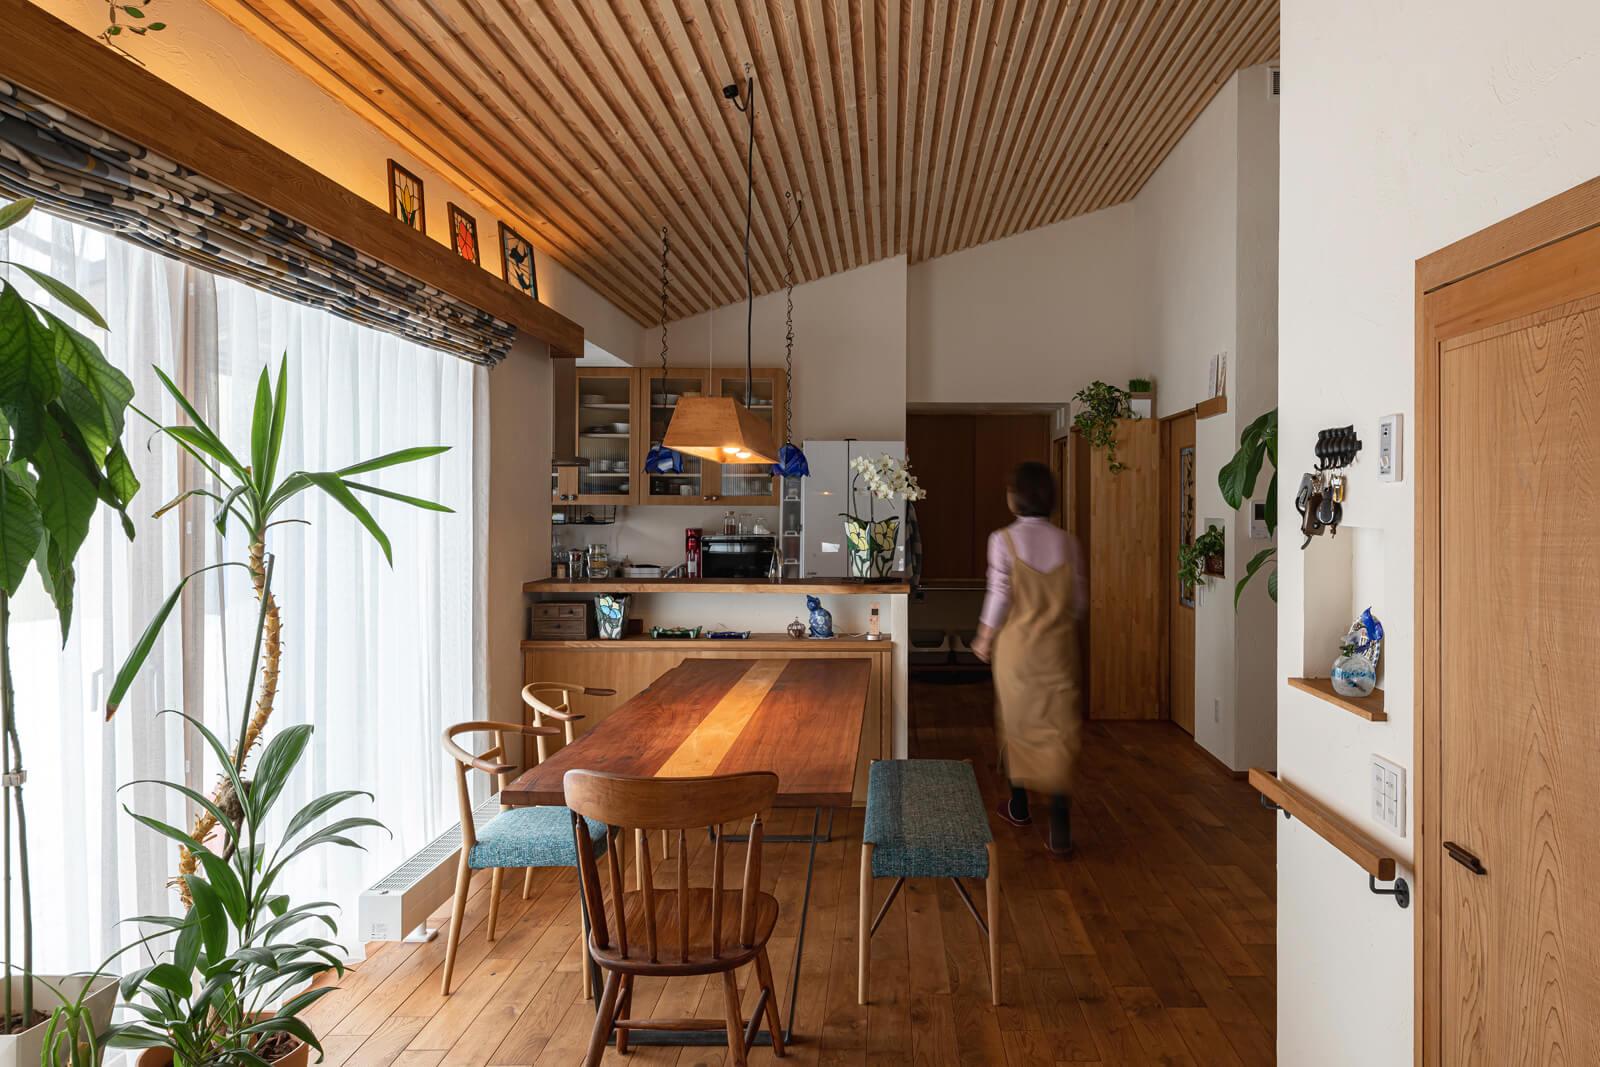 大きな連窓から柔らかな光が注ぐダイニングには、カツラの無垢材を使用した造作テーブルが